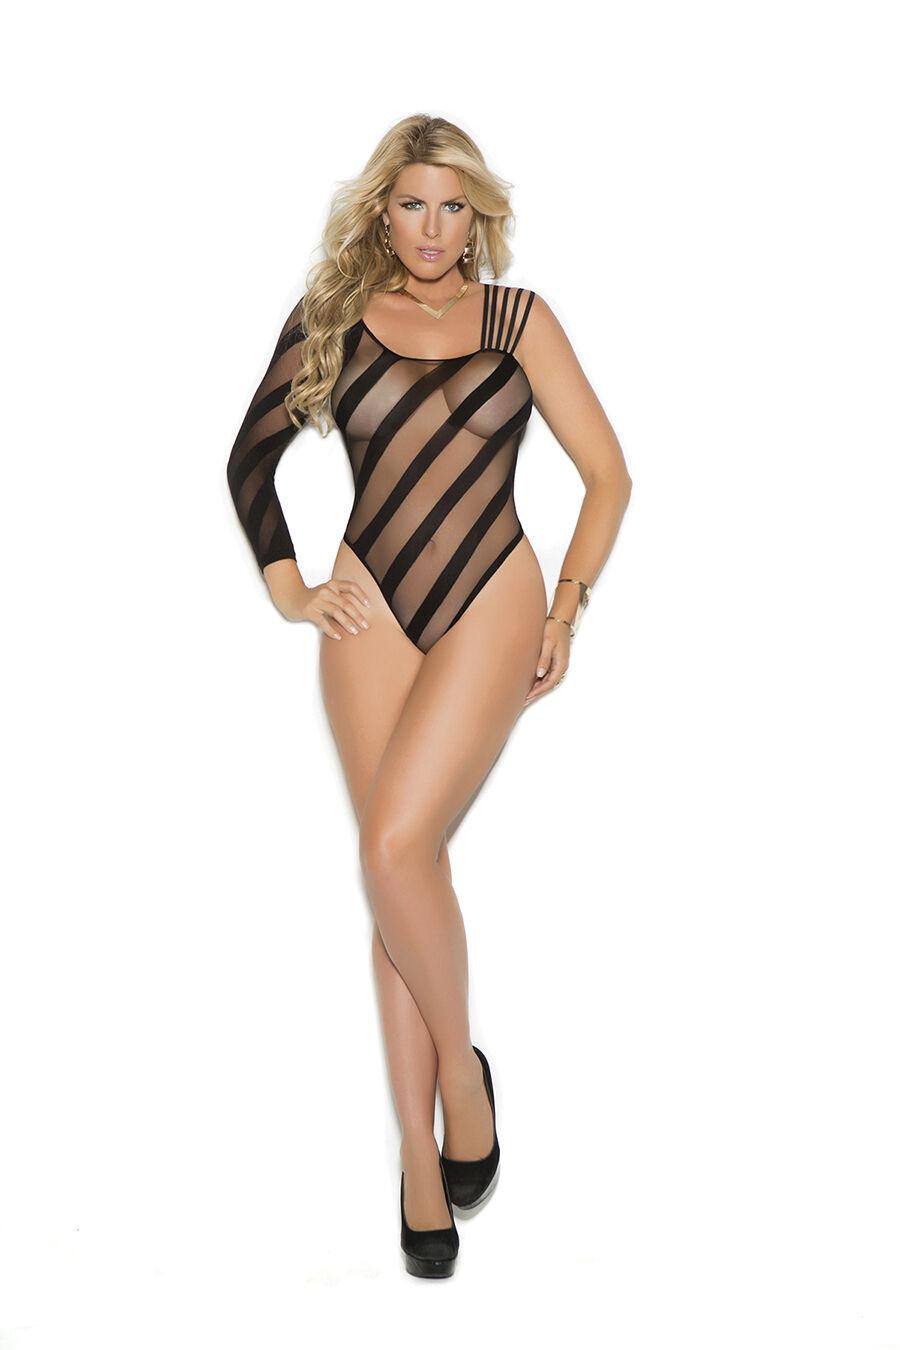 Seductive Sheer Burnout Teddy Stripe Detail Lingerie Adult Women Plus Size